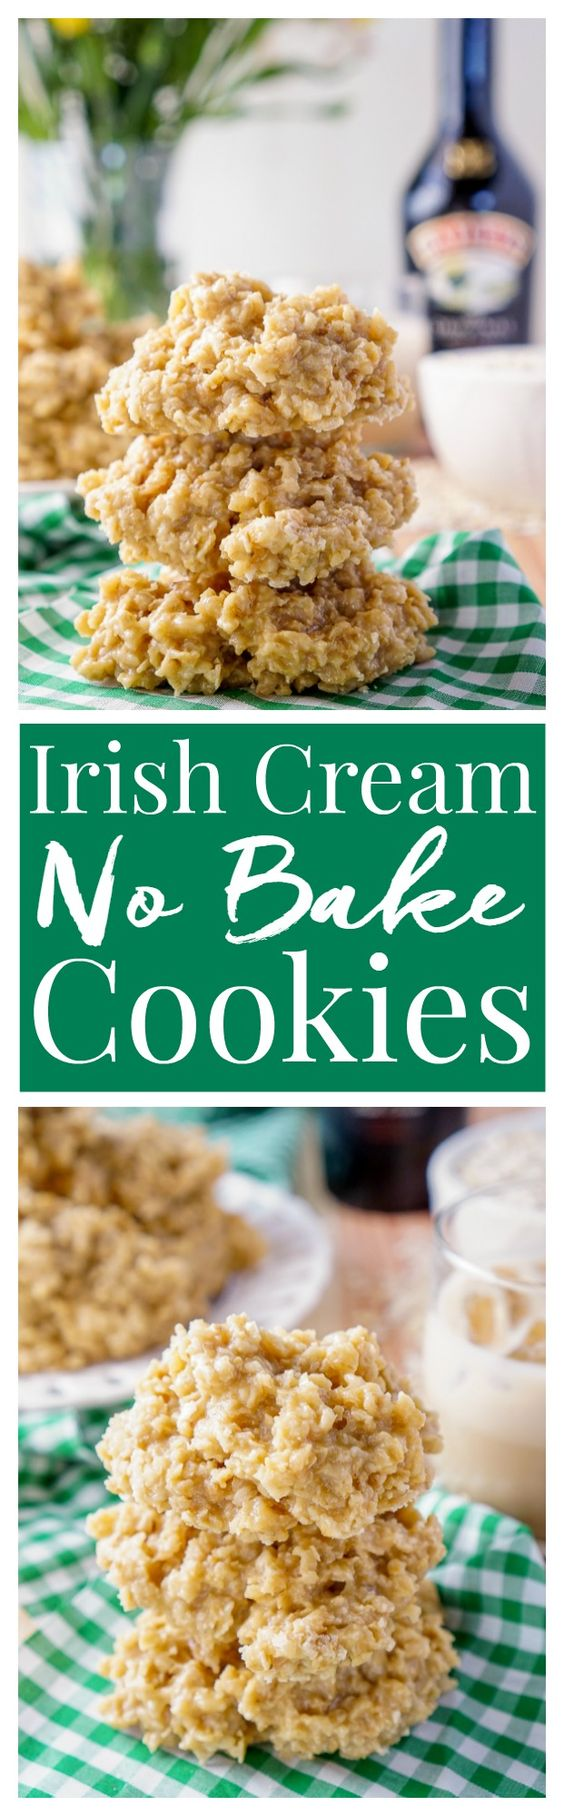 No bake cookies, Irish cream and Irish on Pinterest